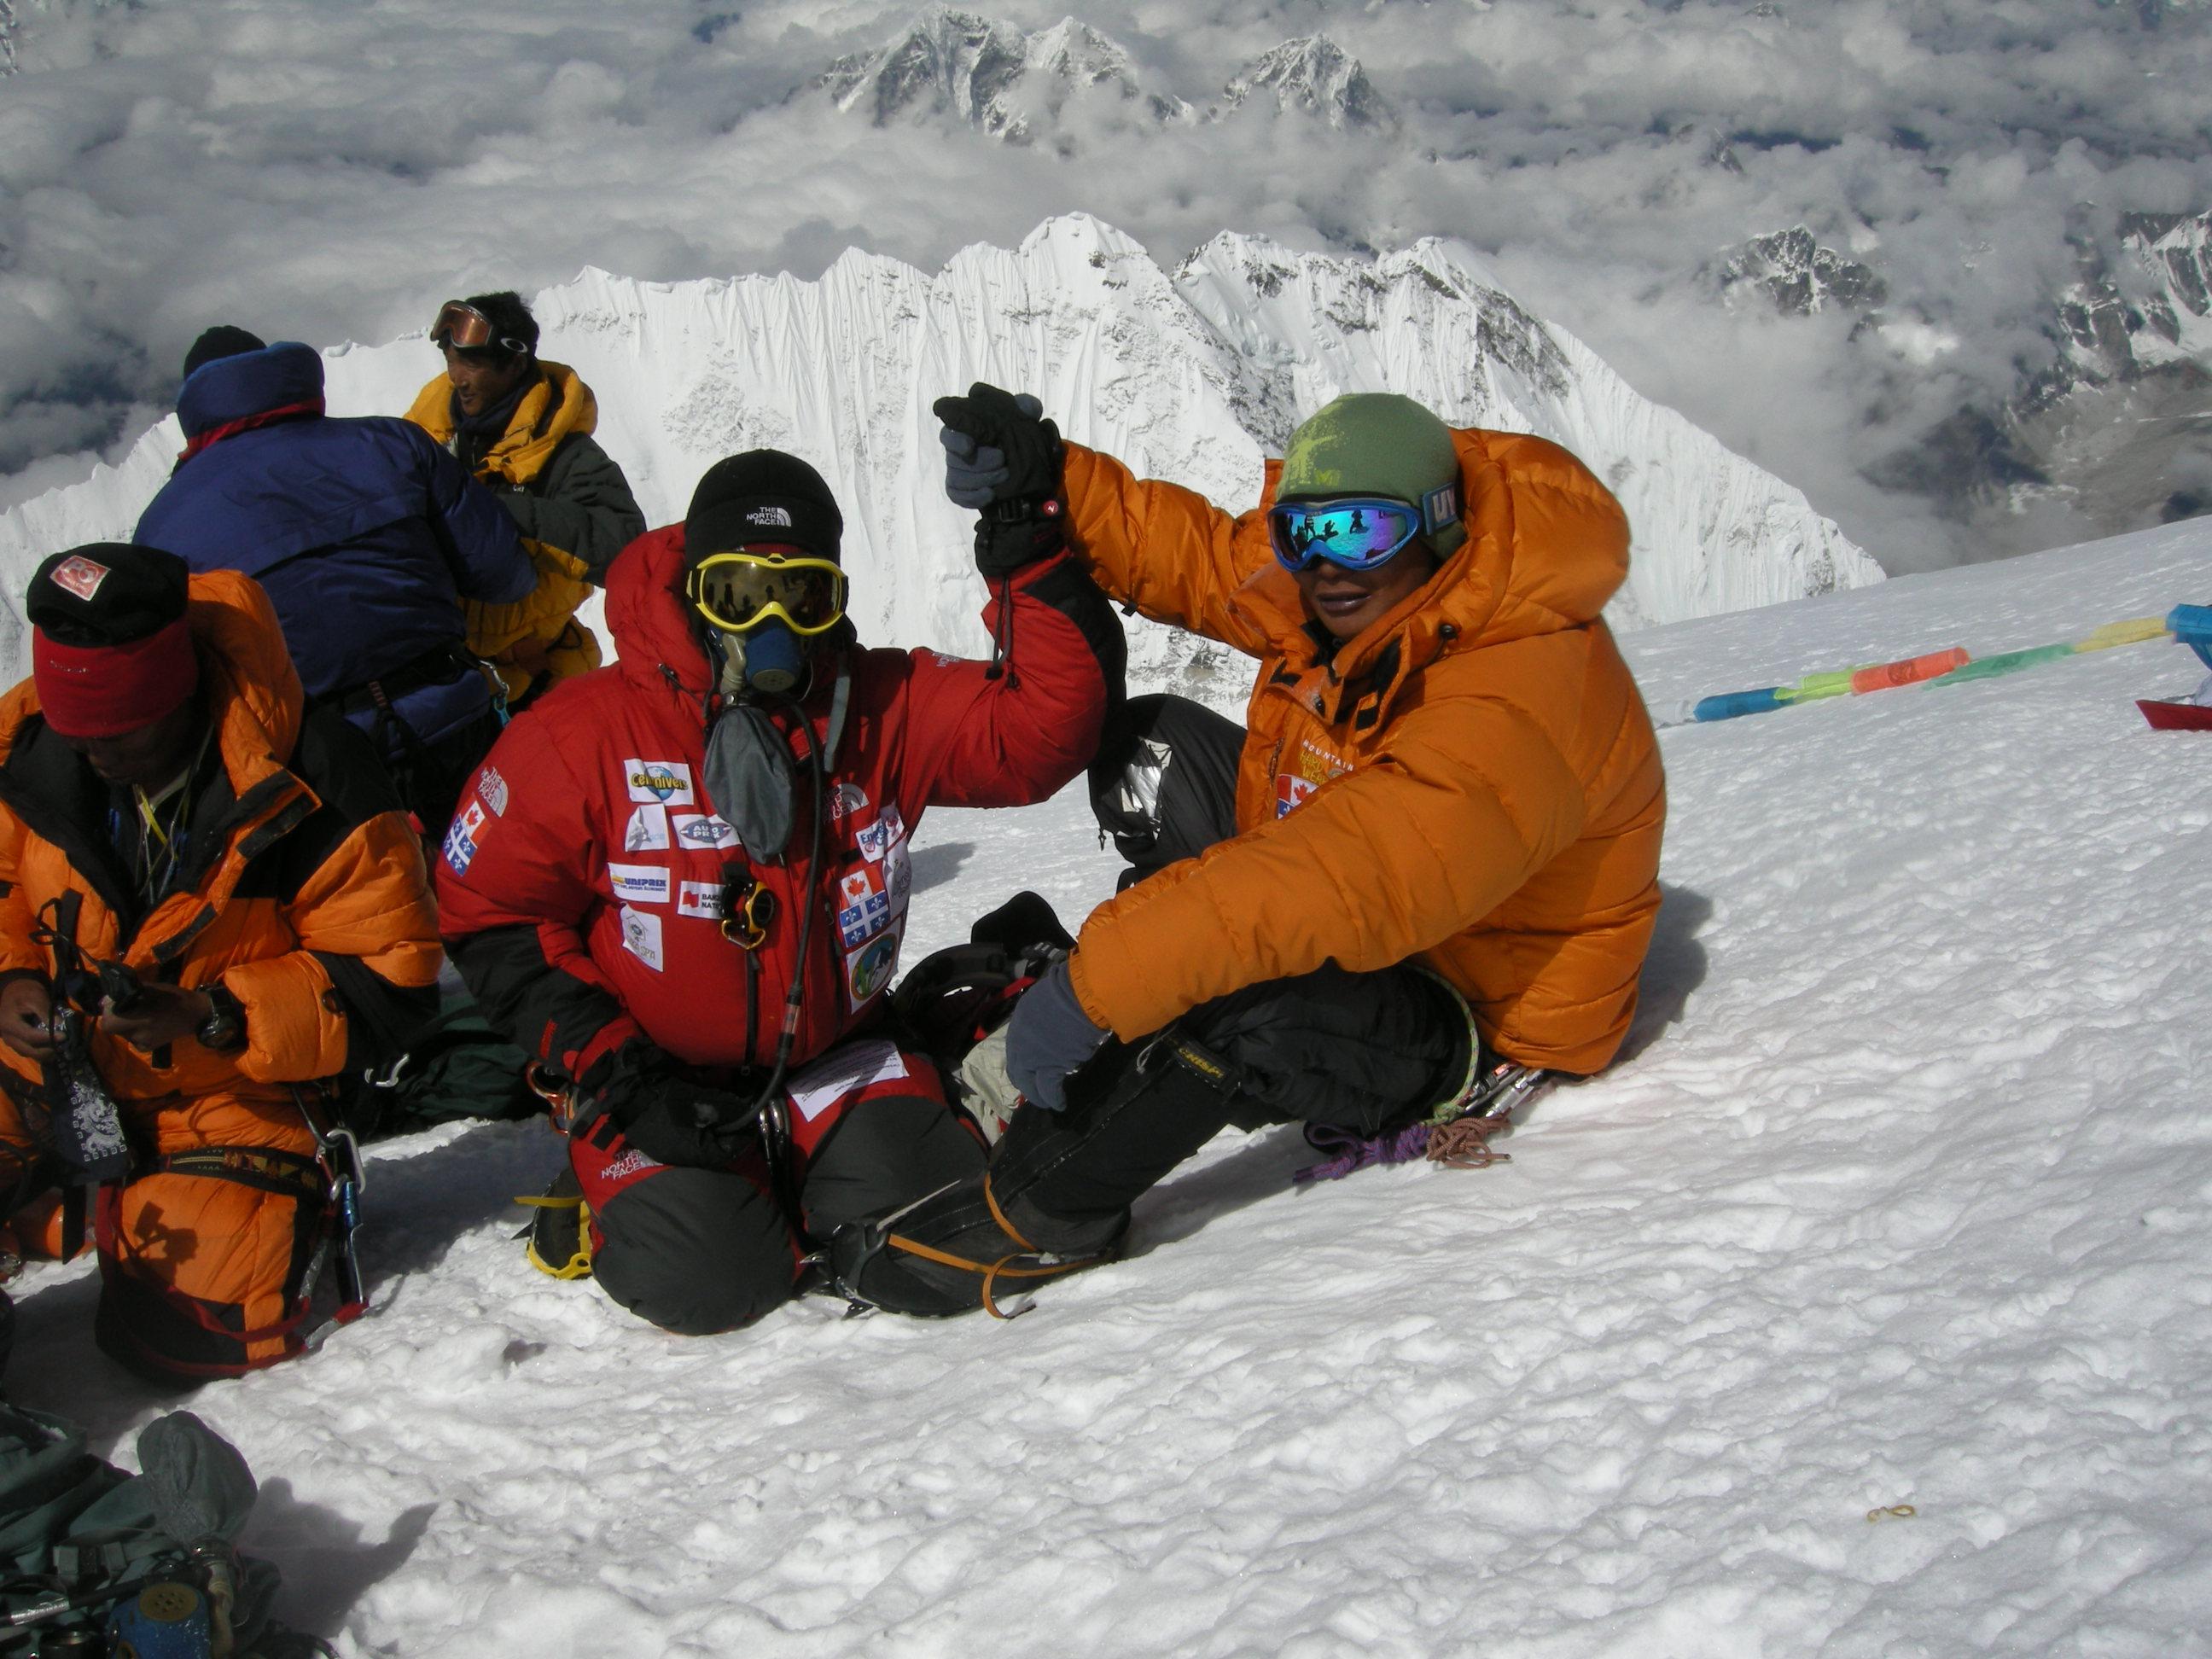 La gratitude au sommet de l'Everest